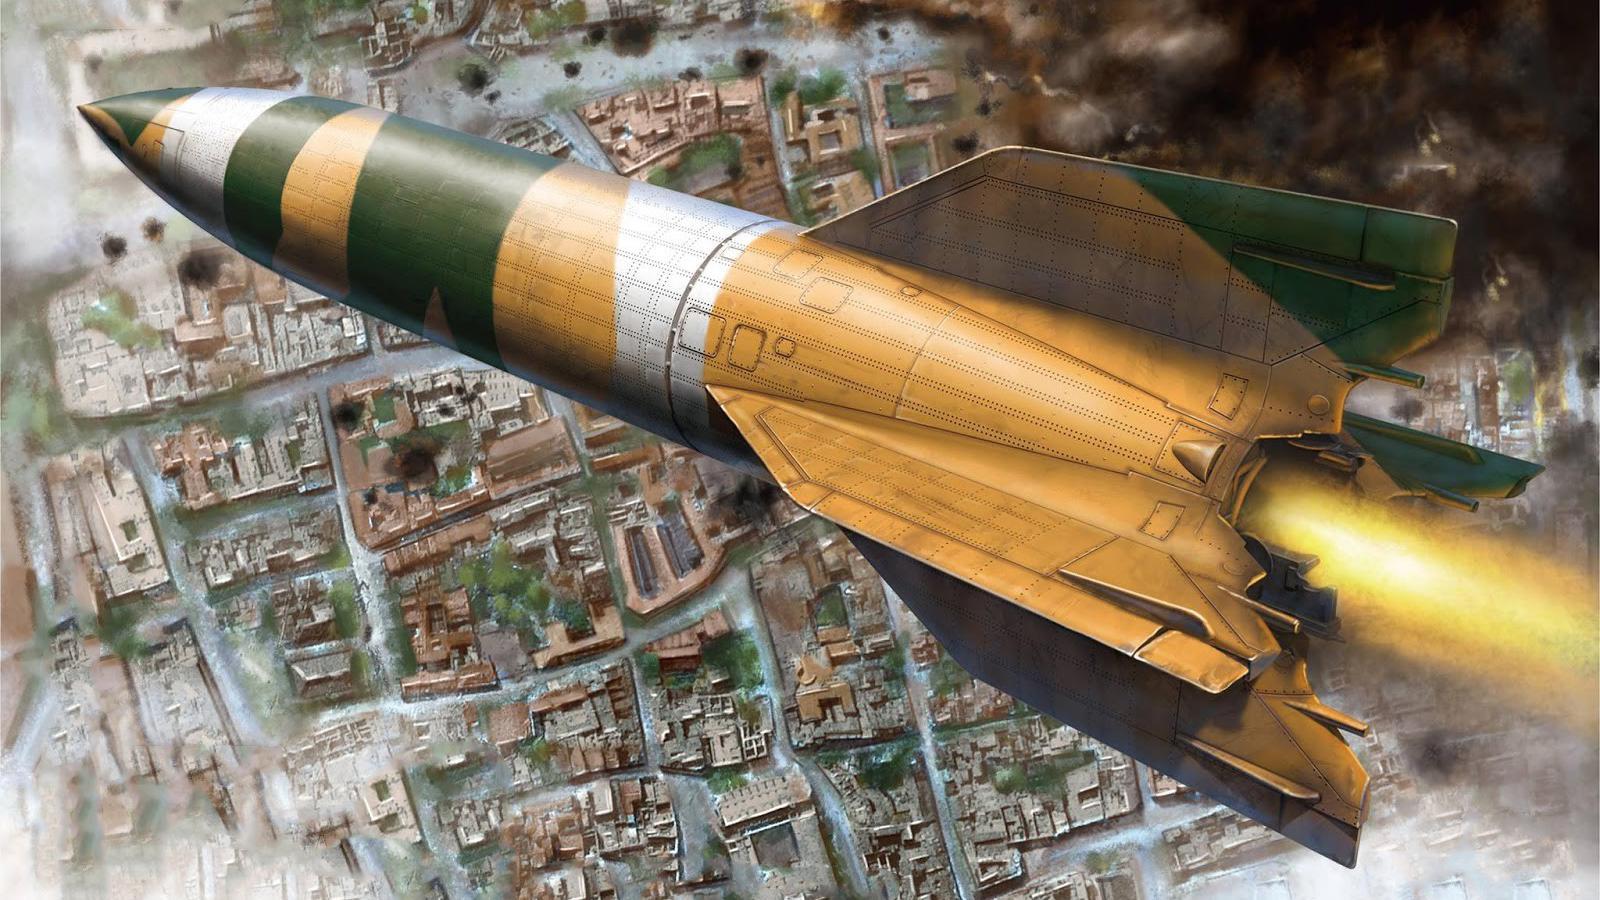 超级核弹破5国防空,14000枚导弹2000架战机拦截失败,险引发战争